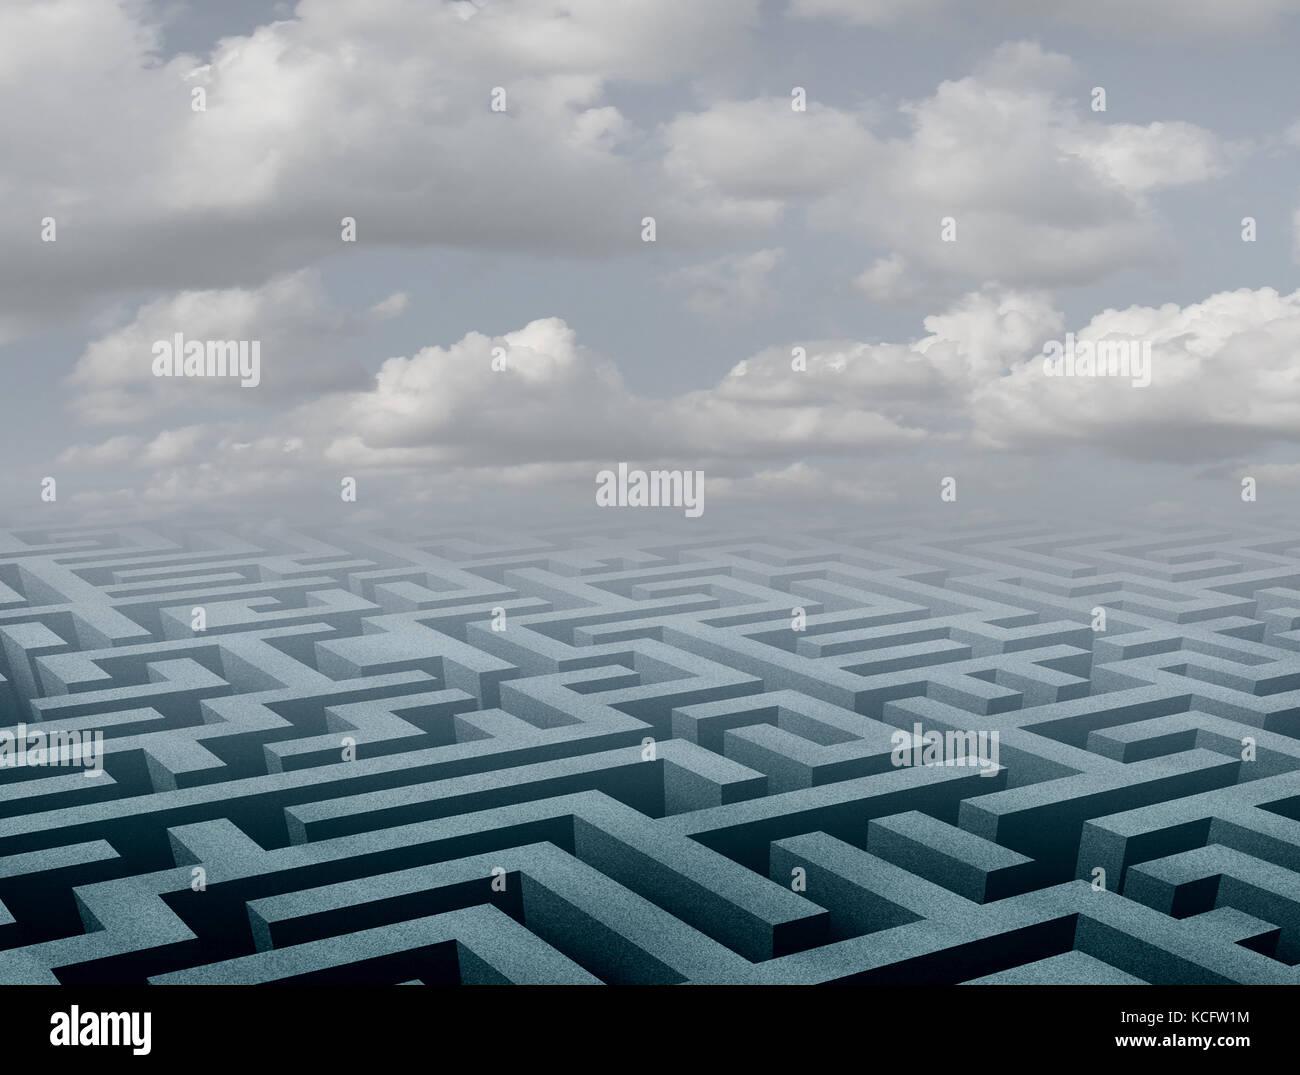 Contexte et labyrinthe labyrinthe abstrait comme une scène vue 3d illustration. Photo Stock